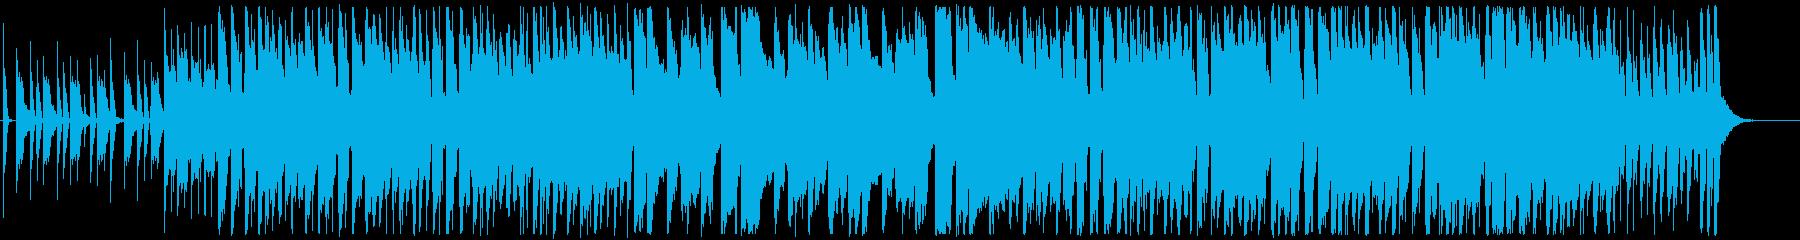 明るい、可愛い、コミカルなテクノポップの再生済みの波形